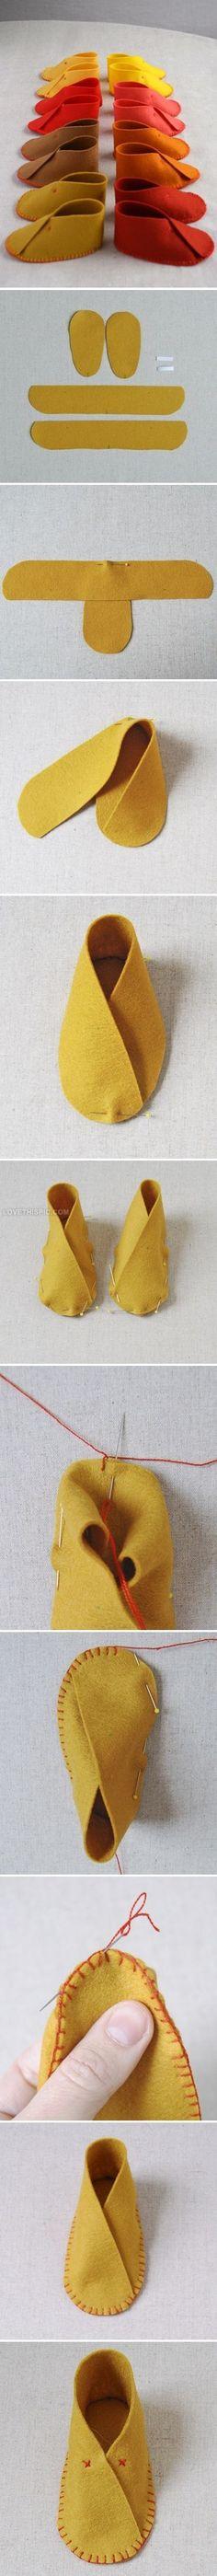 Crea los patucos más chulos del mundo ^^ ¡Super fácil! #DIY #crafts #baby